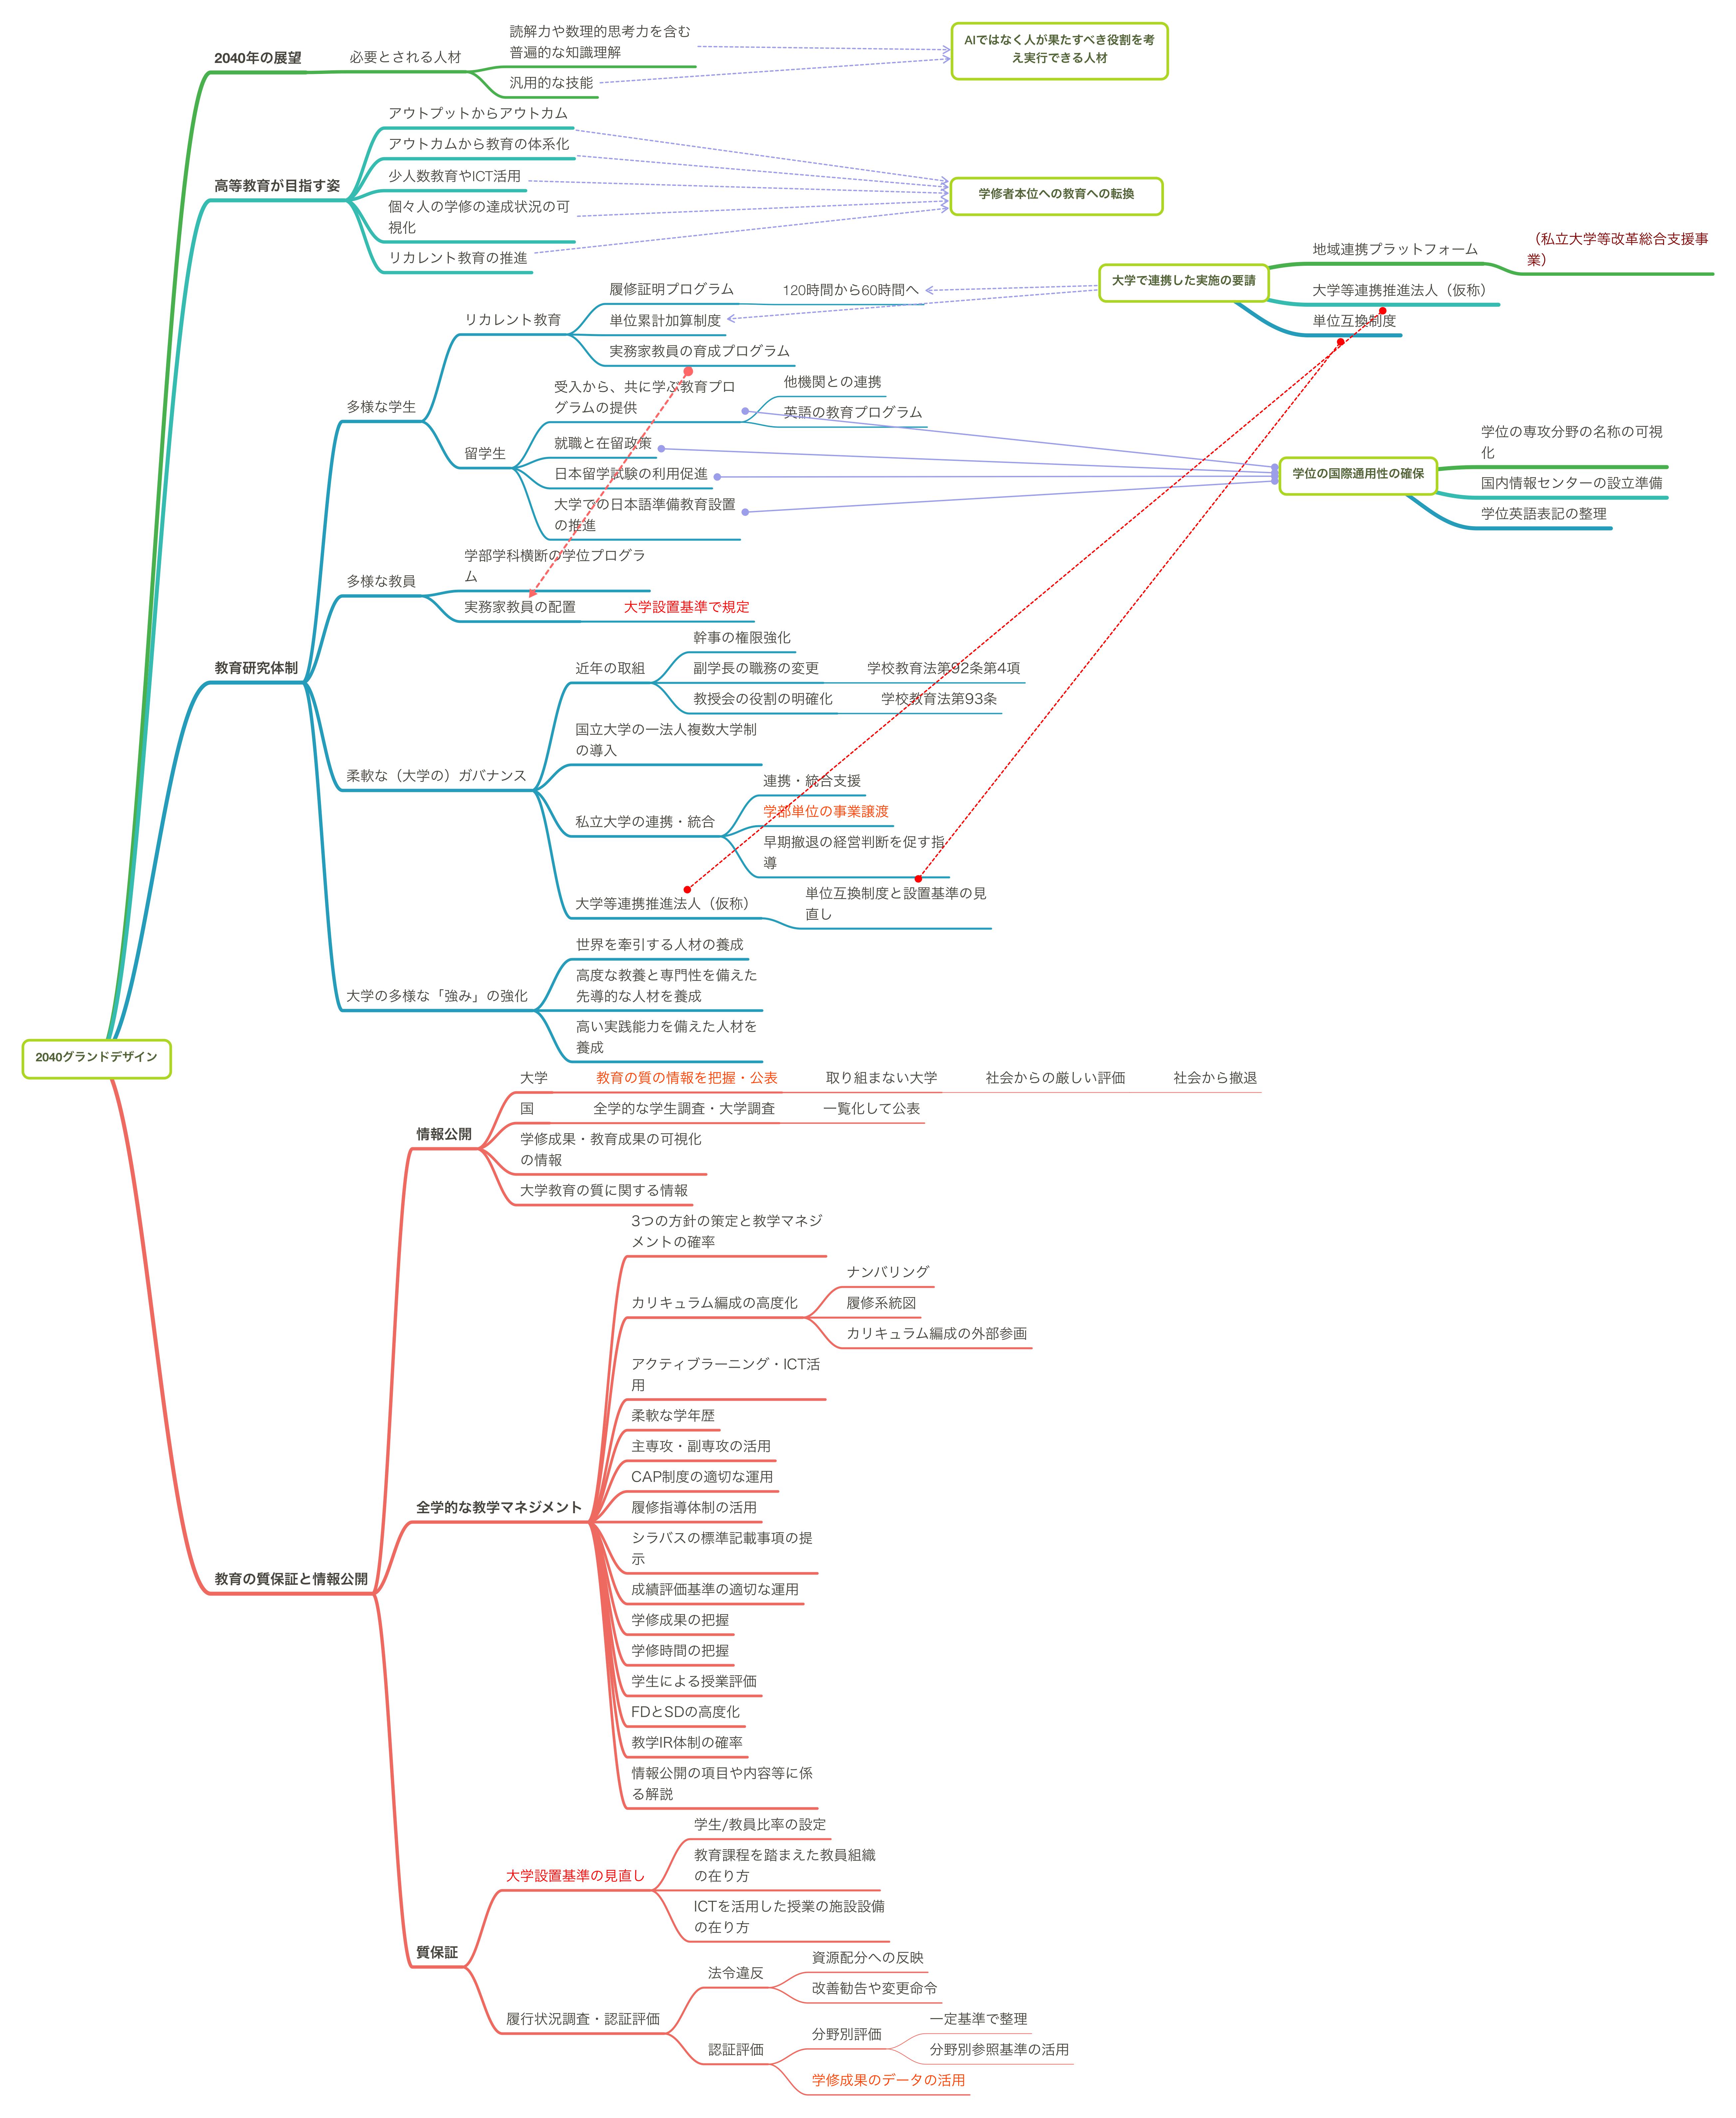 2040年に向けた高等教育のグランドデザインマインドマップ